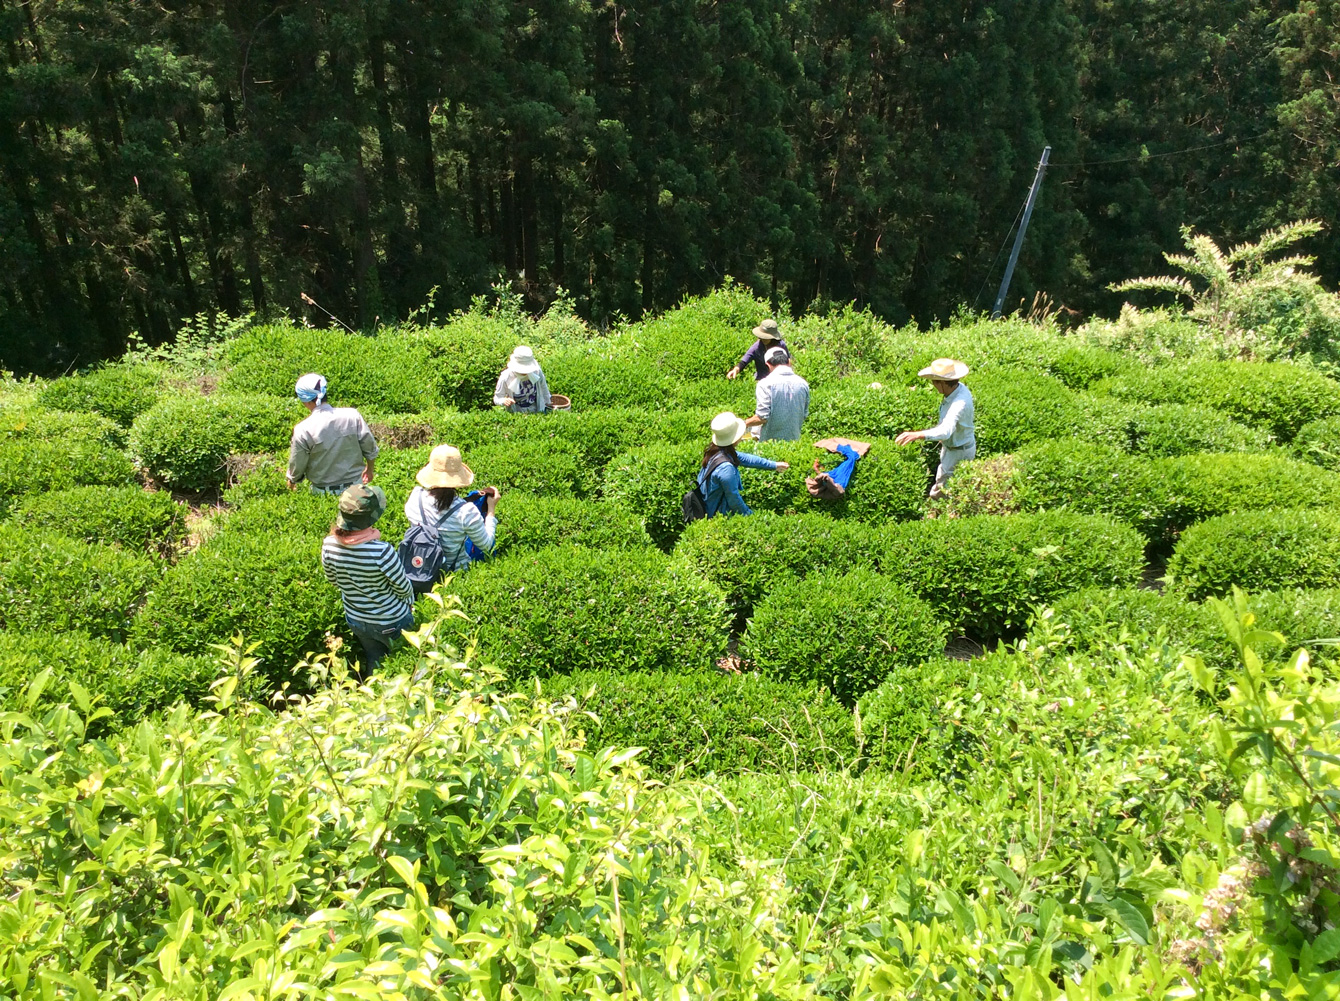 青々とした緑が眩しい茶畑の様子。